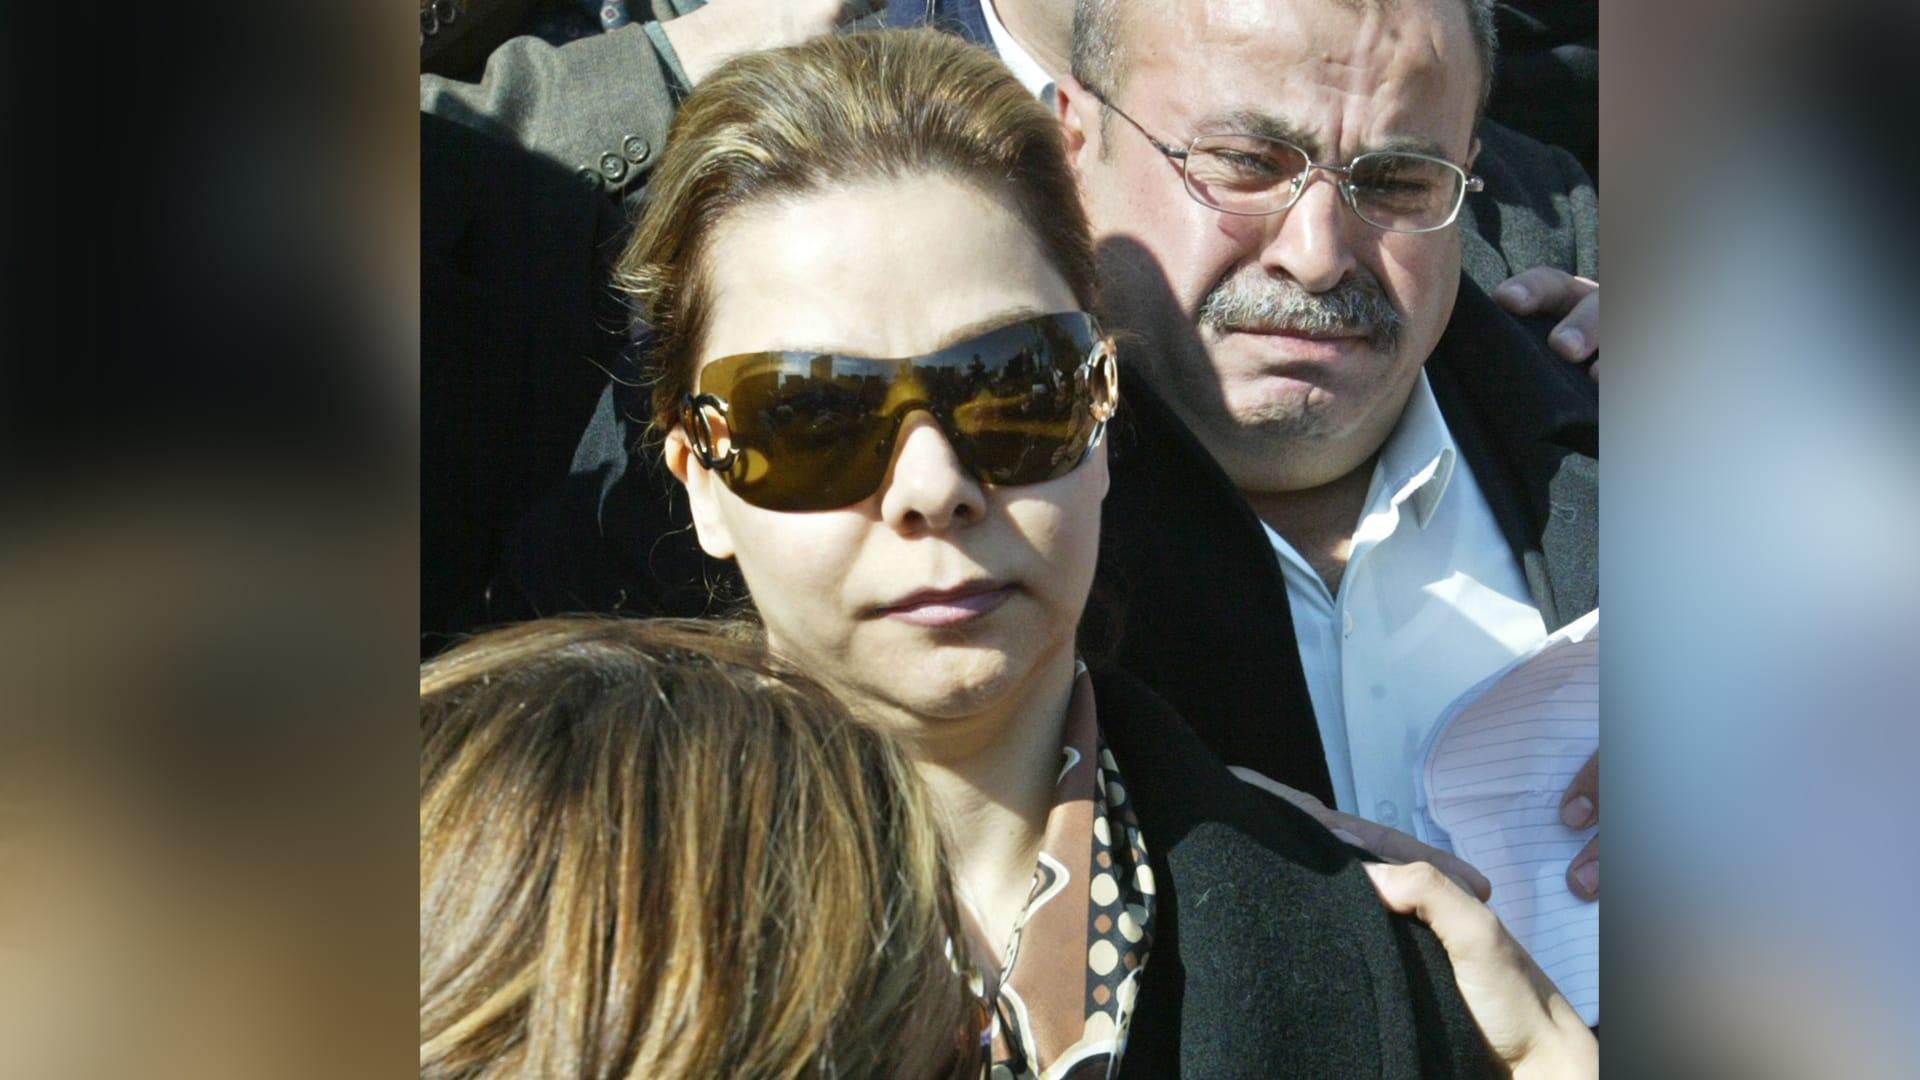 رغد صدام حسين تعبر عن تعازيها بعد وفاة مرضى في مستشفى السلط بالأردن